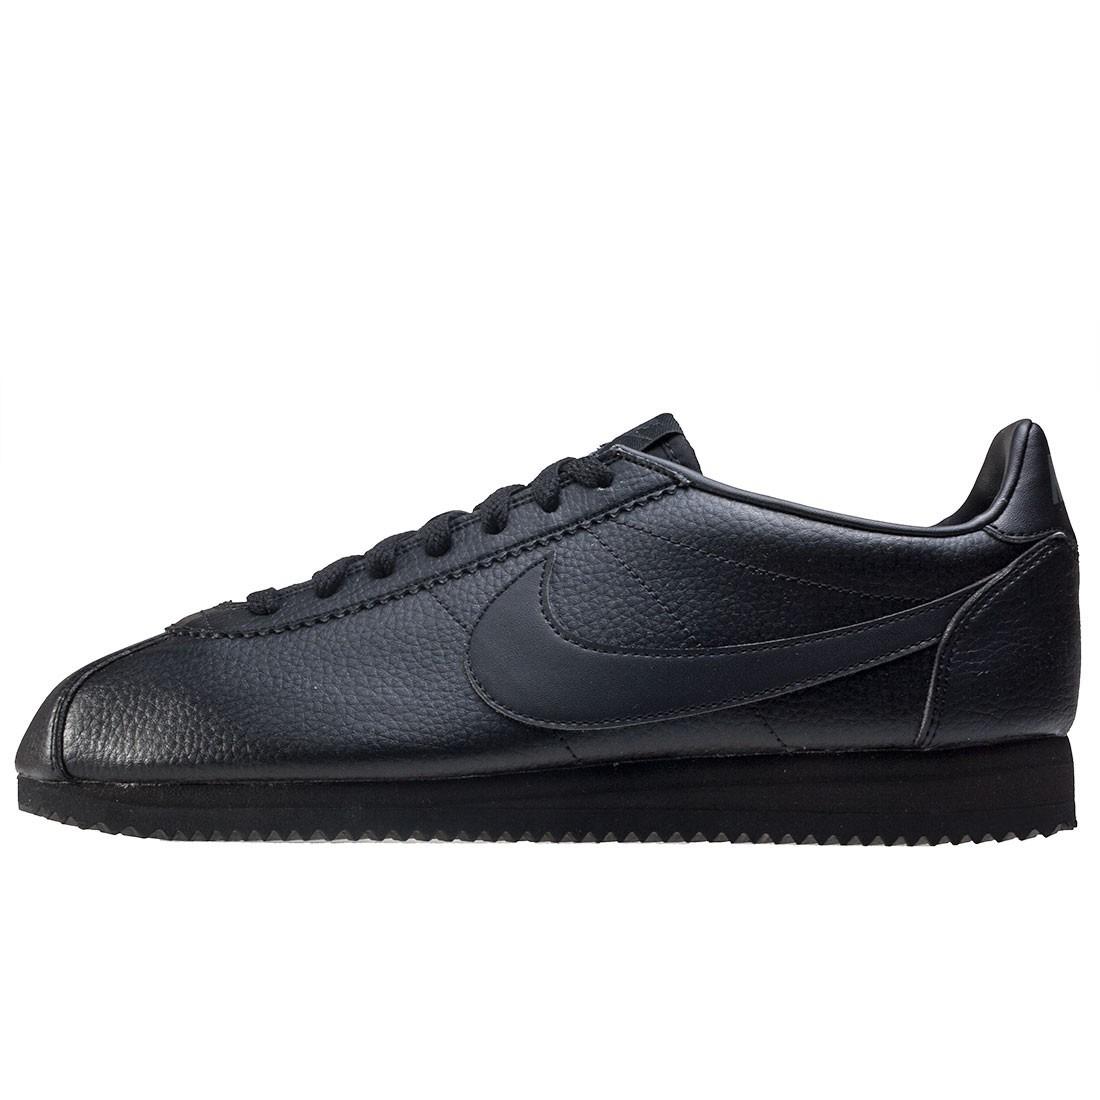 a8ea0d9a104 zapatillas hombre nike cortez classic cuero negro nuevo 2018. Cargando zoom.